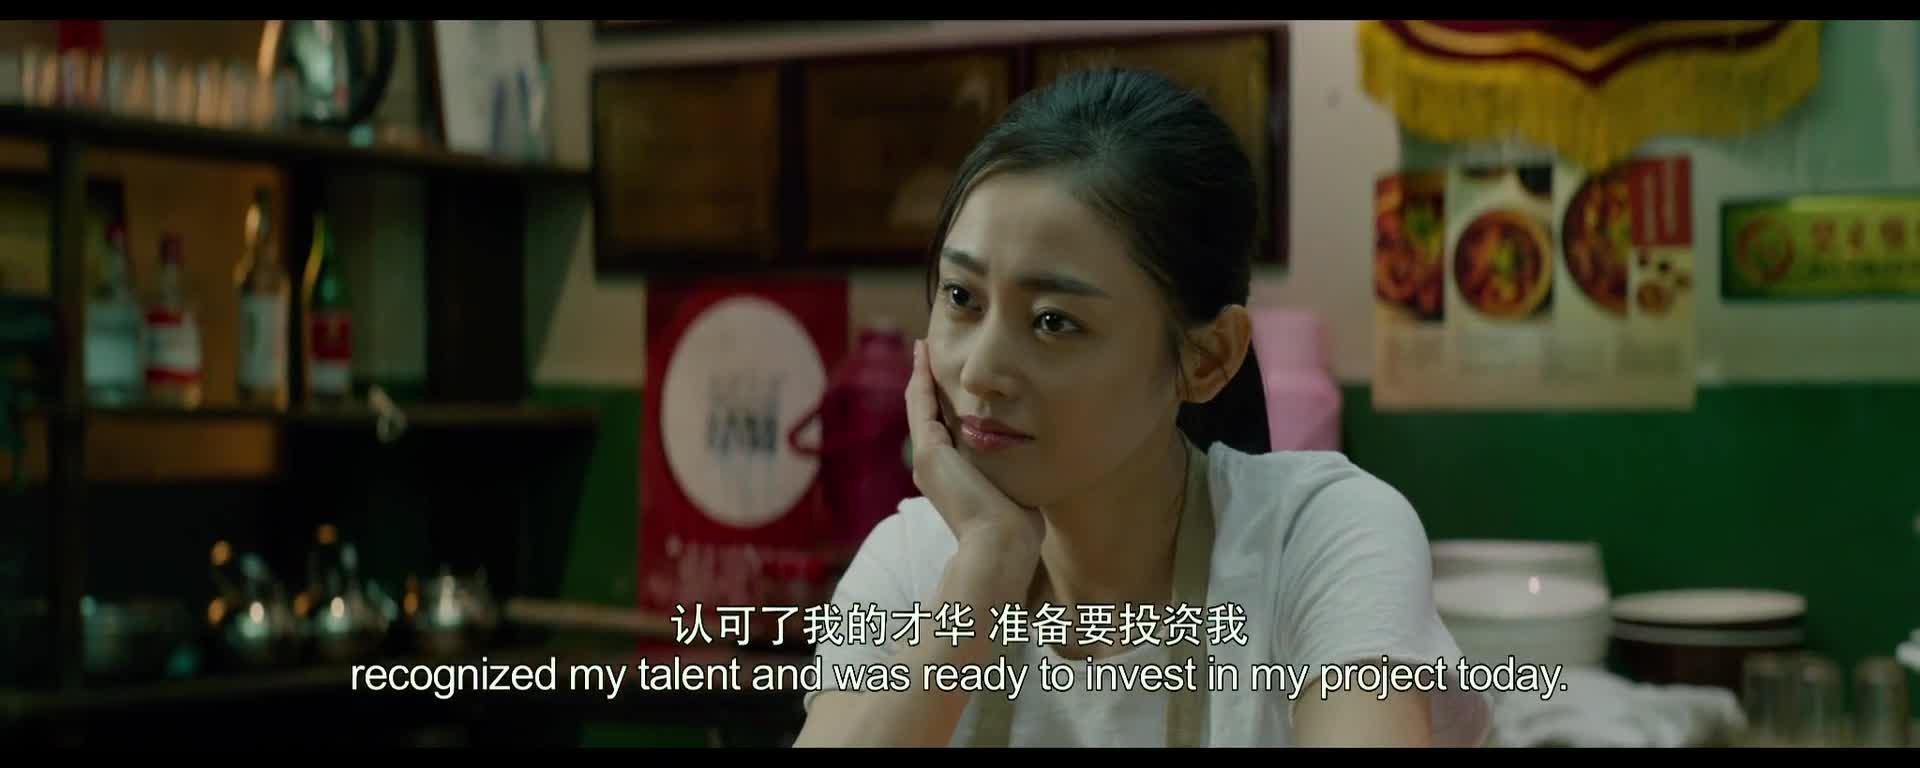 他便答应刘雯等自己以后赚了钱,就将她经营得这家卤煮店重新翻修